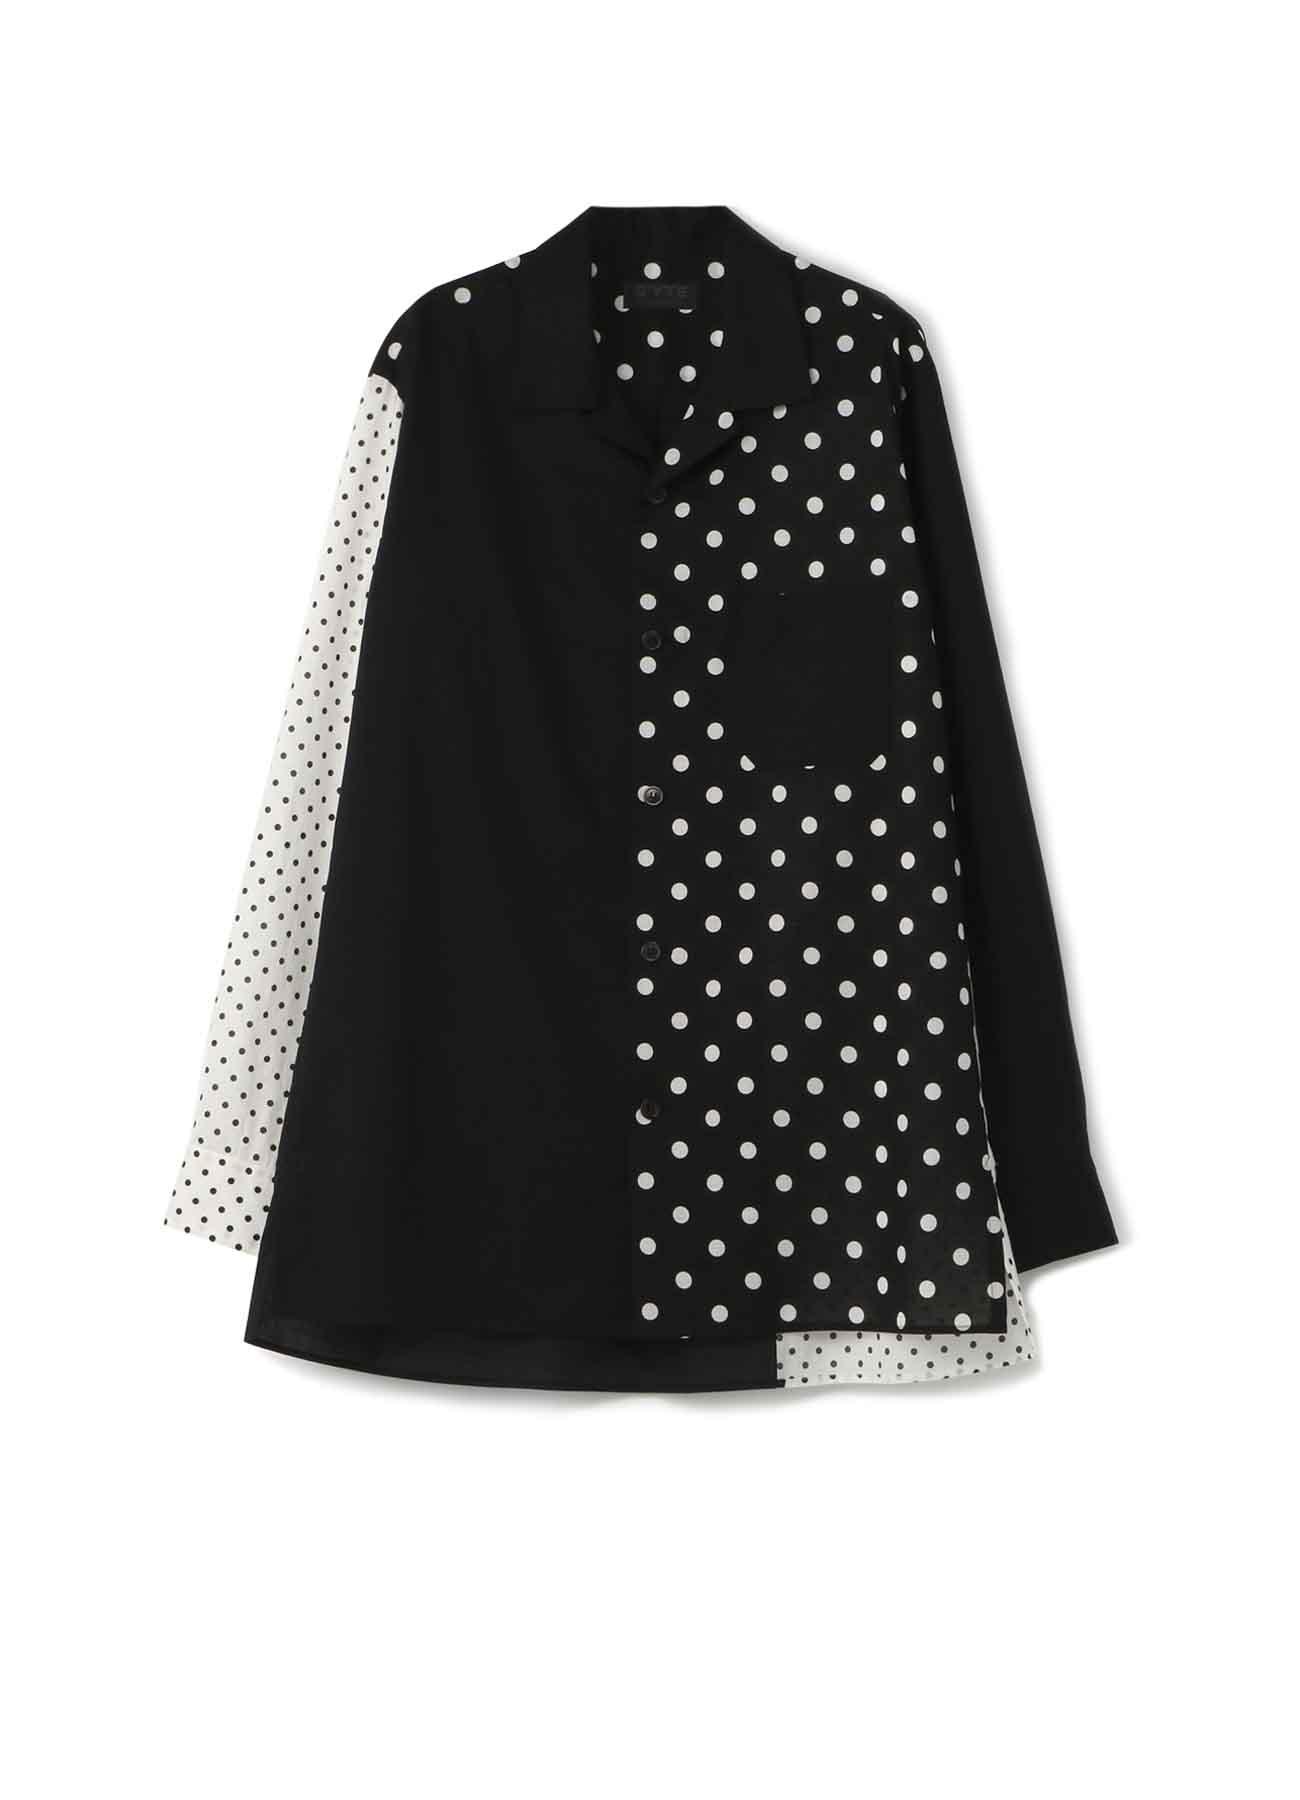 Dot Panel Open Collar Shirt